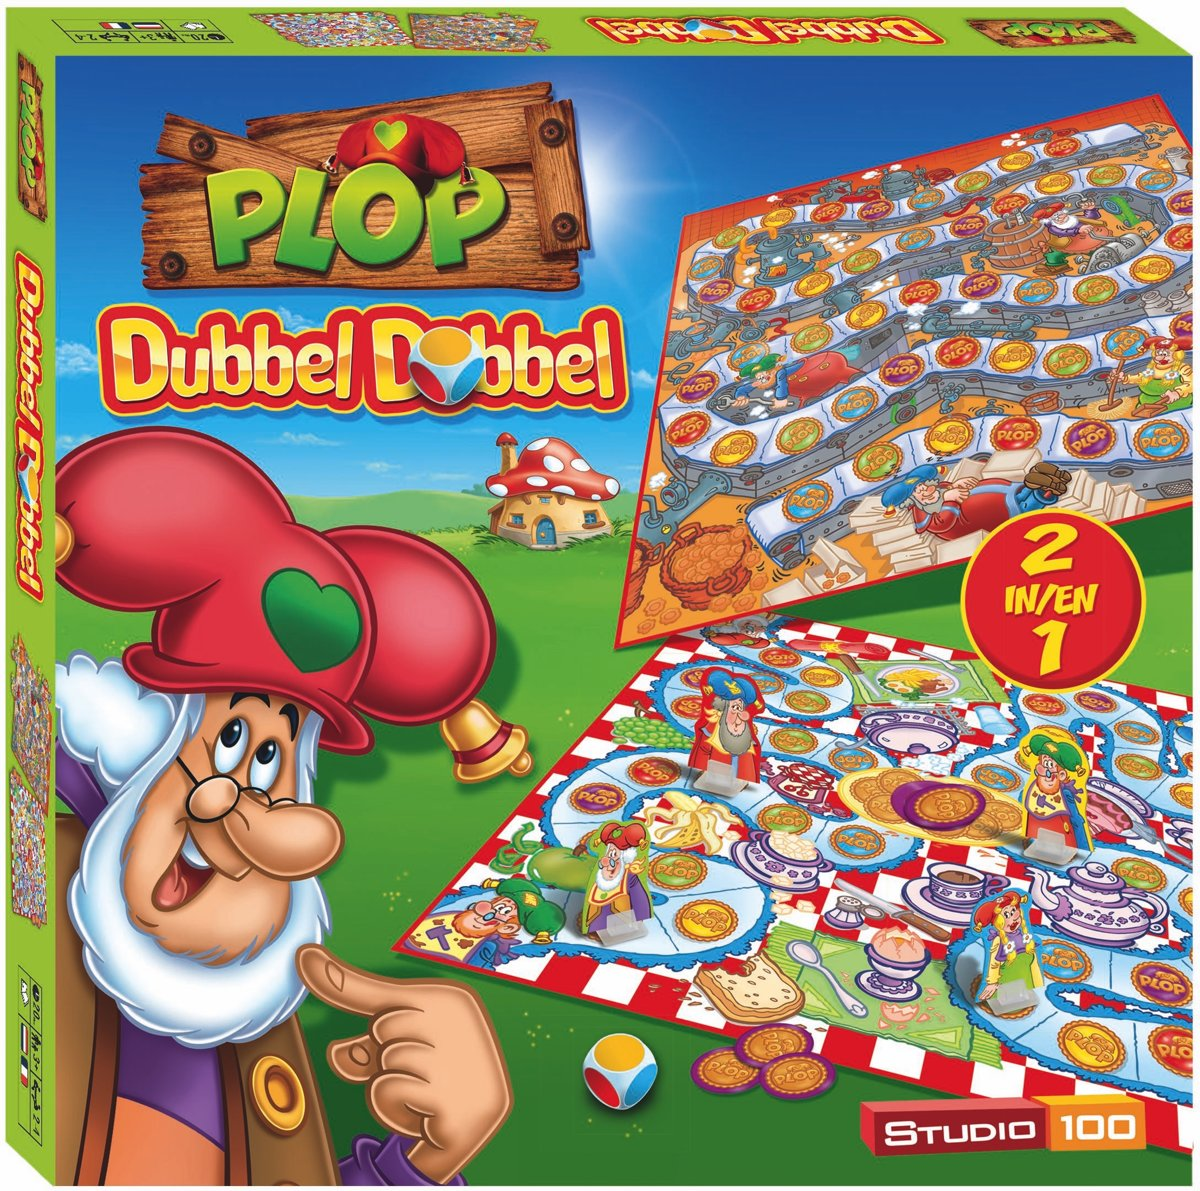 Plop Spel - Dubbel Dobbel (Nieuwe versie)